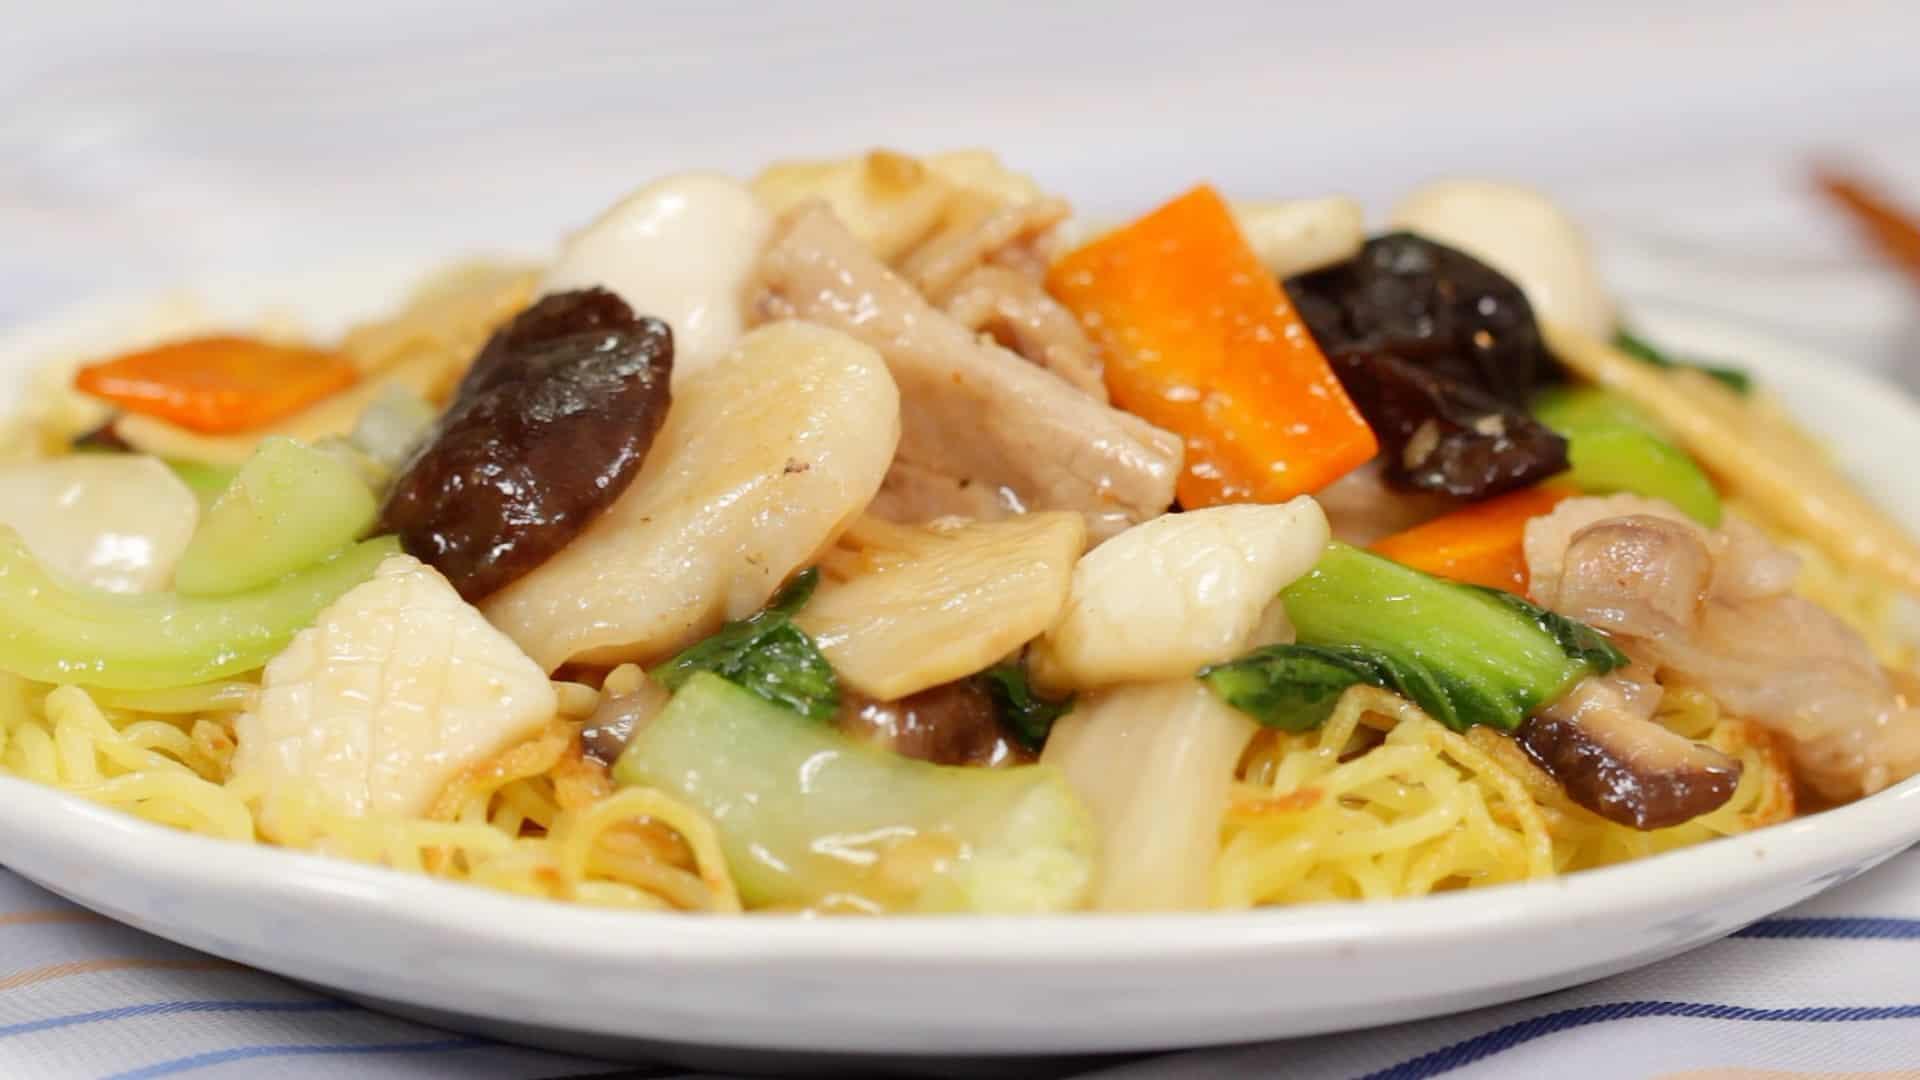 五目あんかけ焼きそばの作り方 肉と魚介と野菜の旨味がたっぷりの